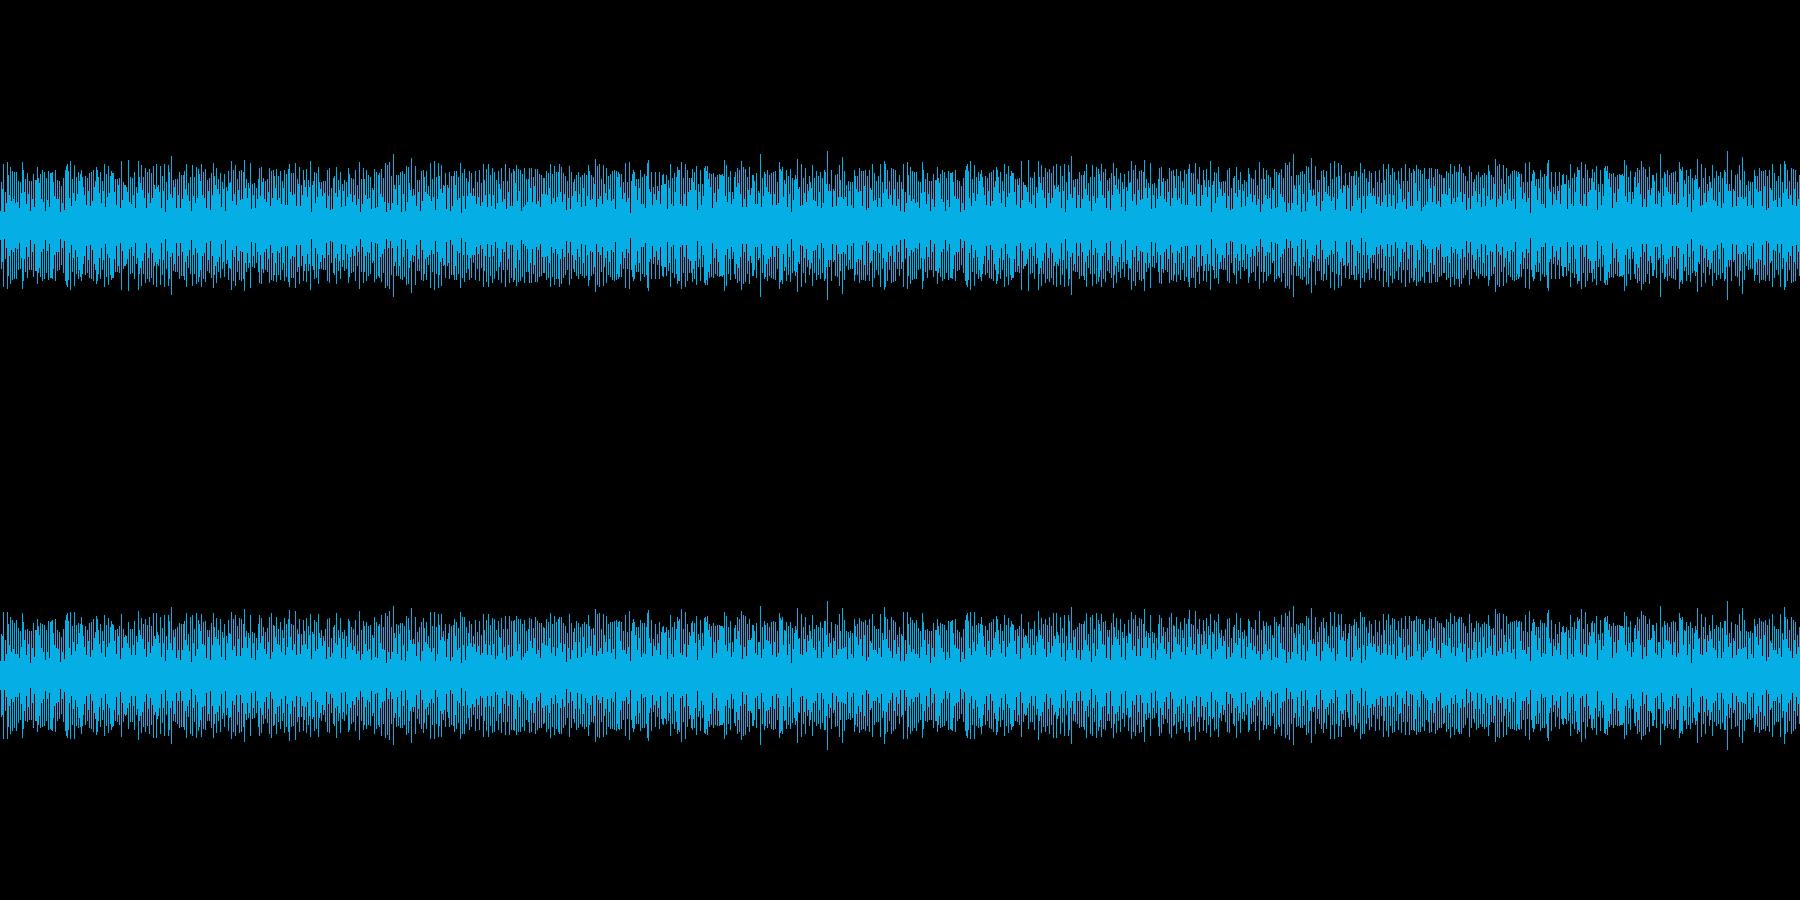 ASMR 音フェチApp用 ノイズ 2の再生済みの波形